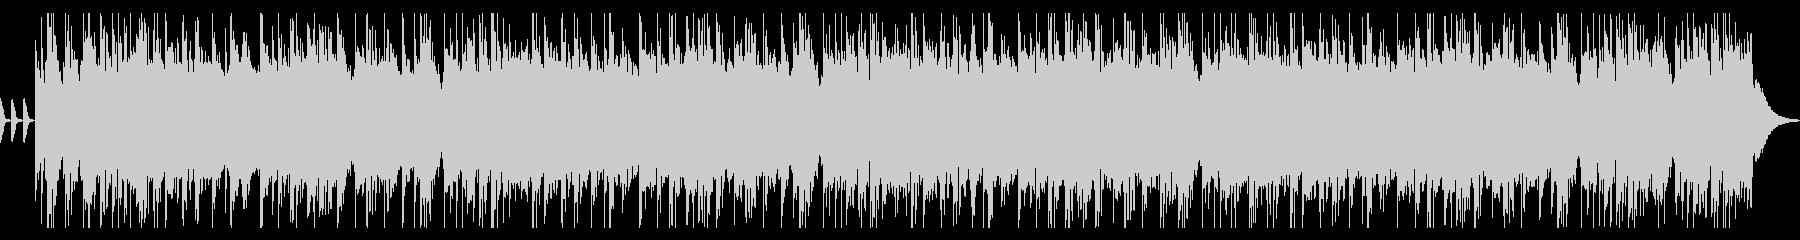 ギター のハードロックCM 動画 OPの未再生の波形